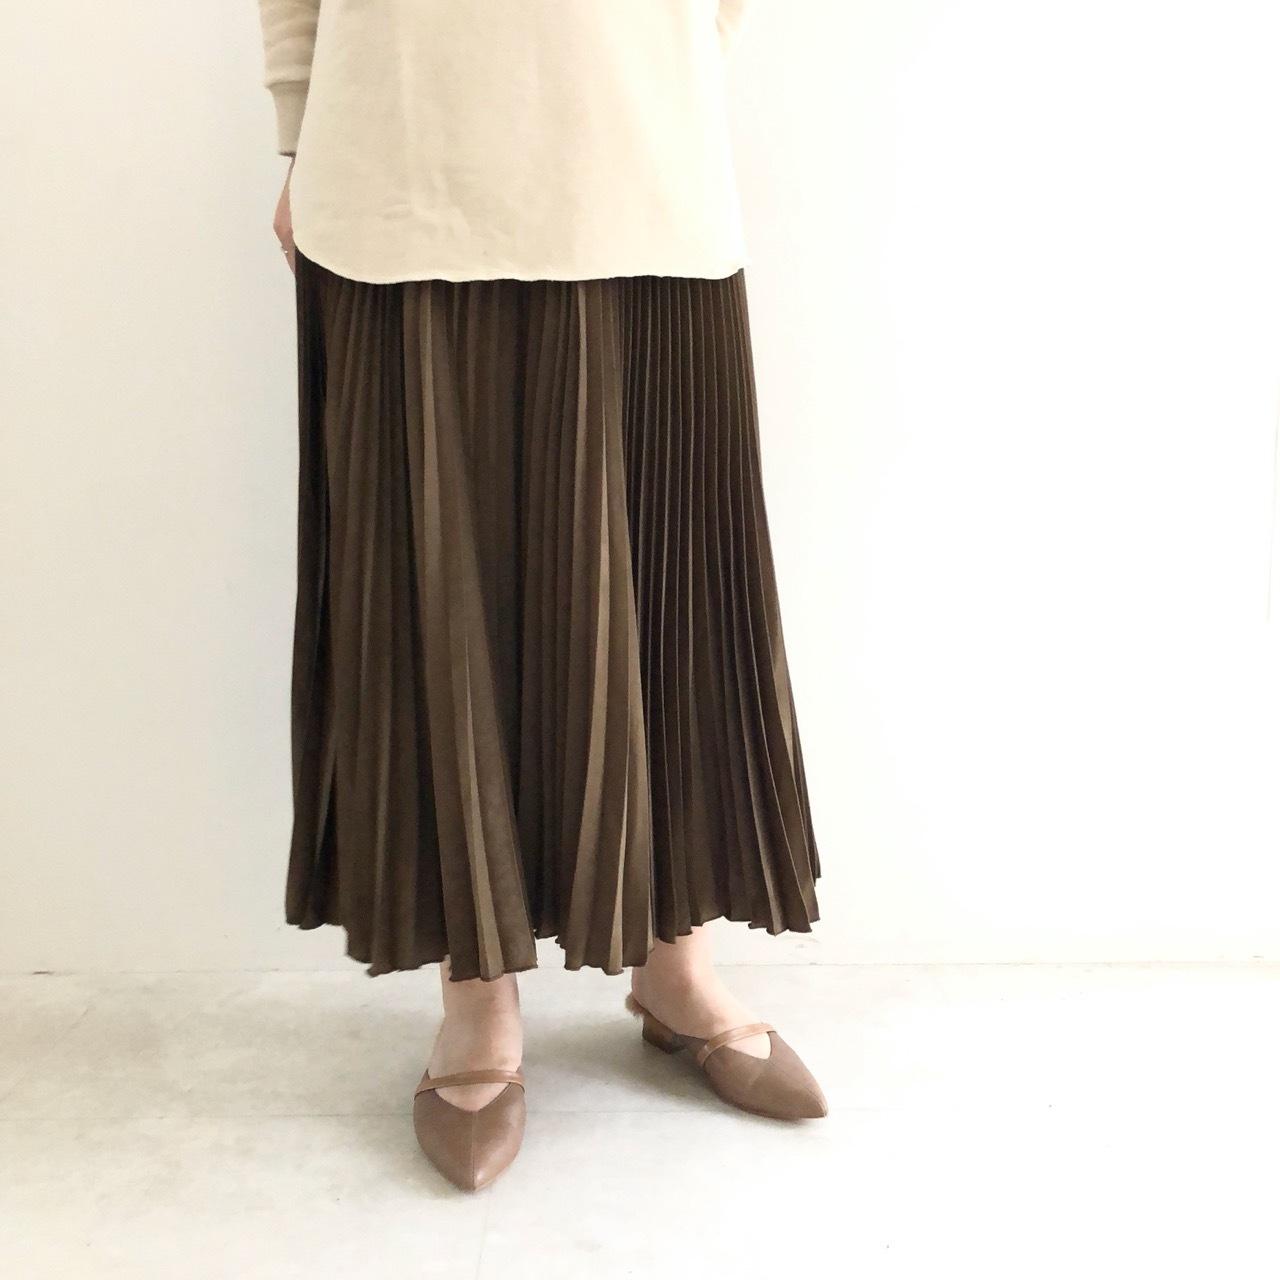 【 Valance Select 】- 1170944 -3 - プリーツパンツスカート